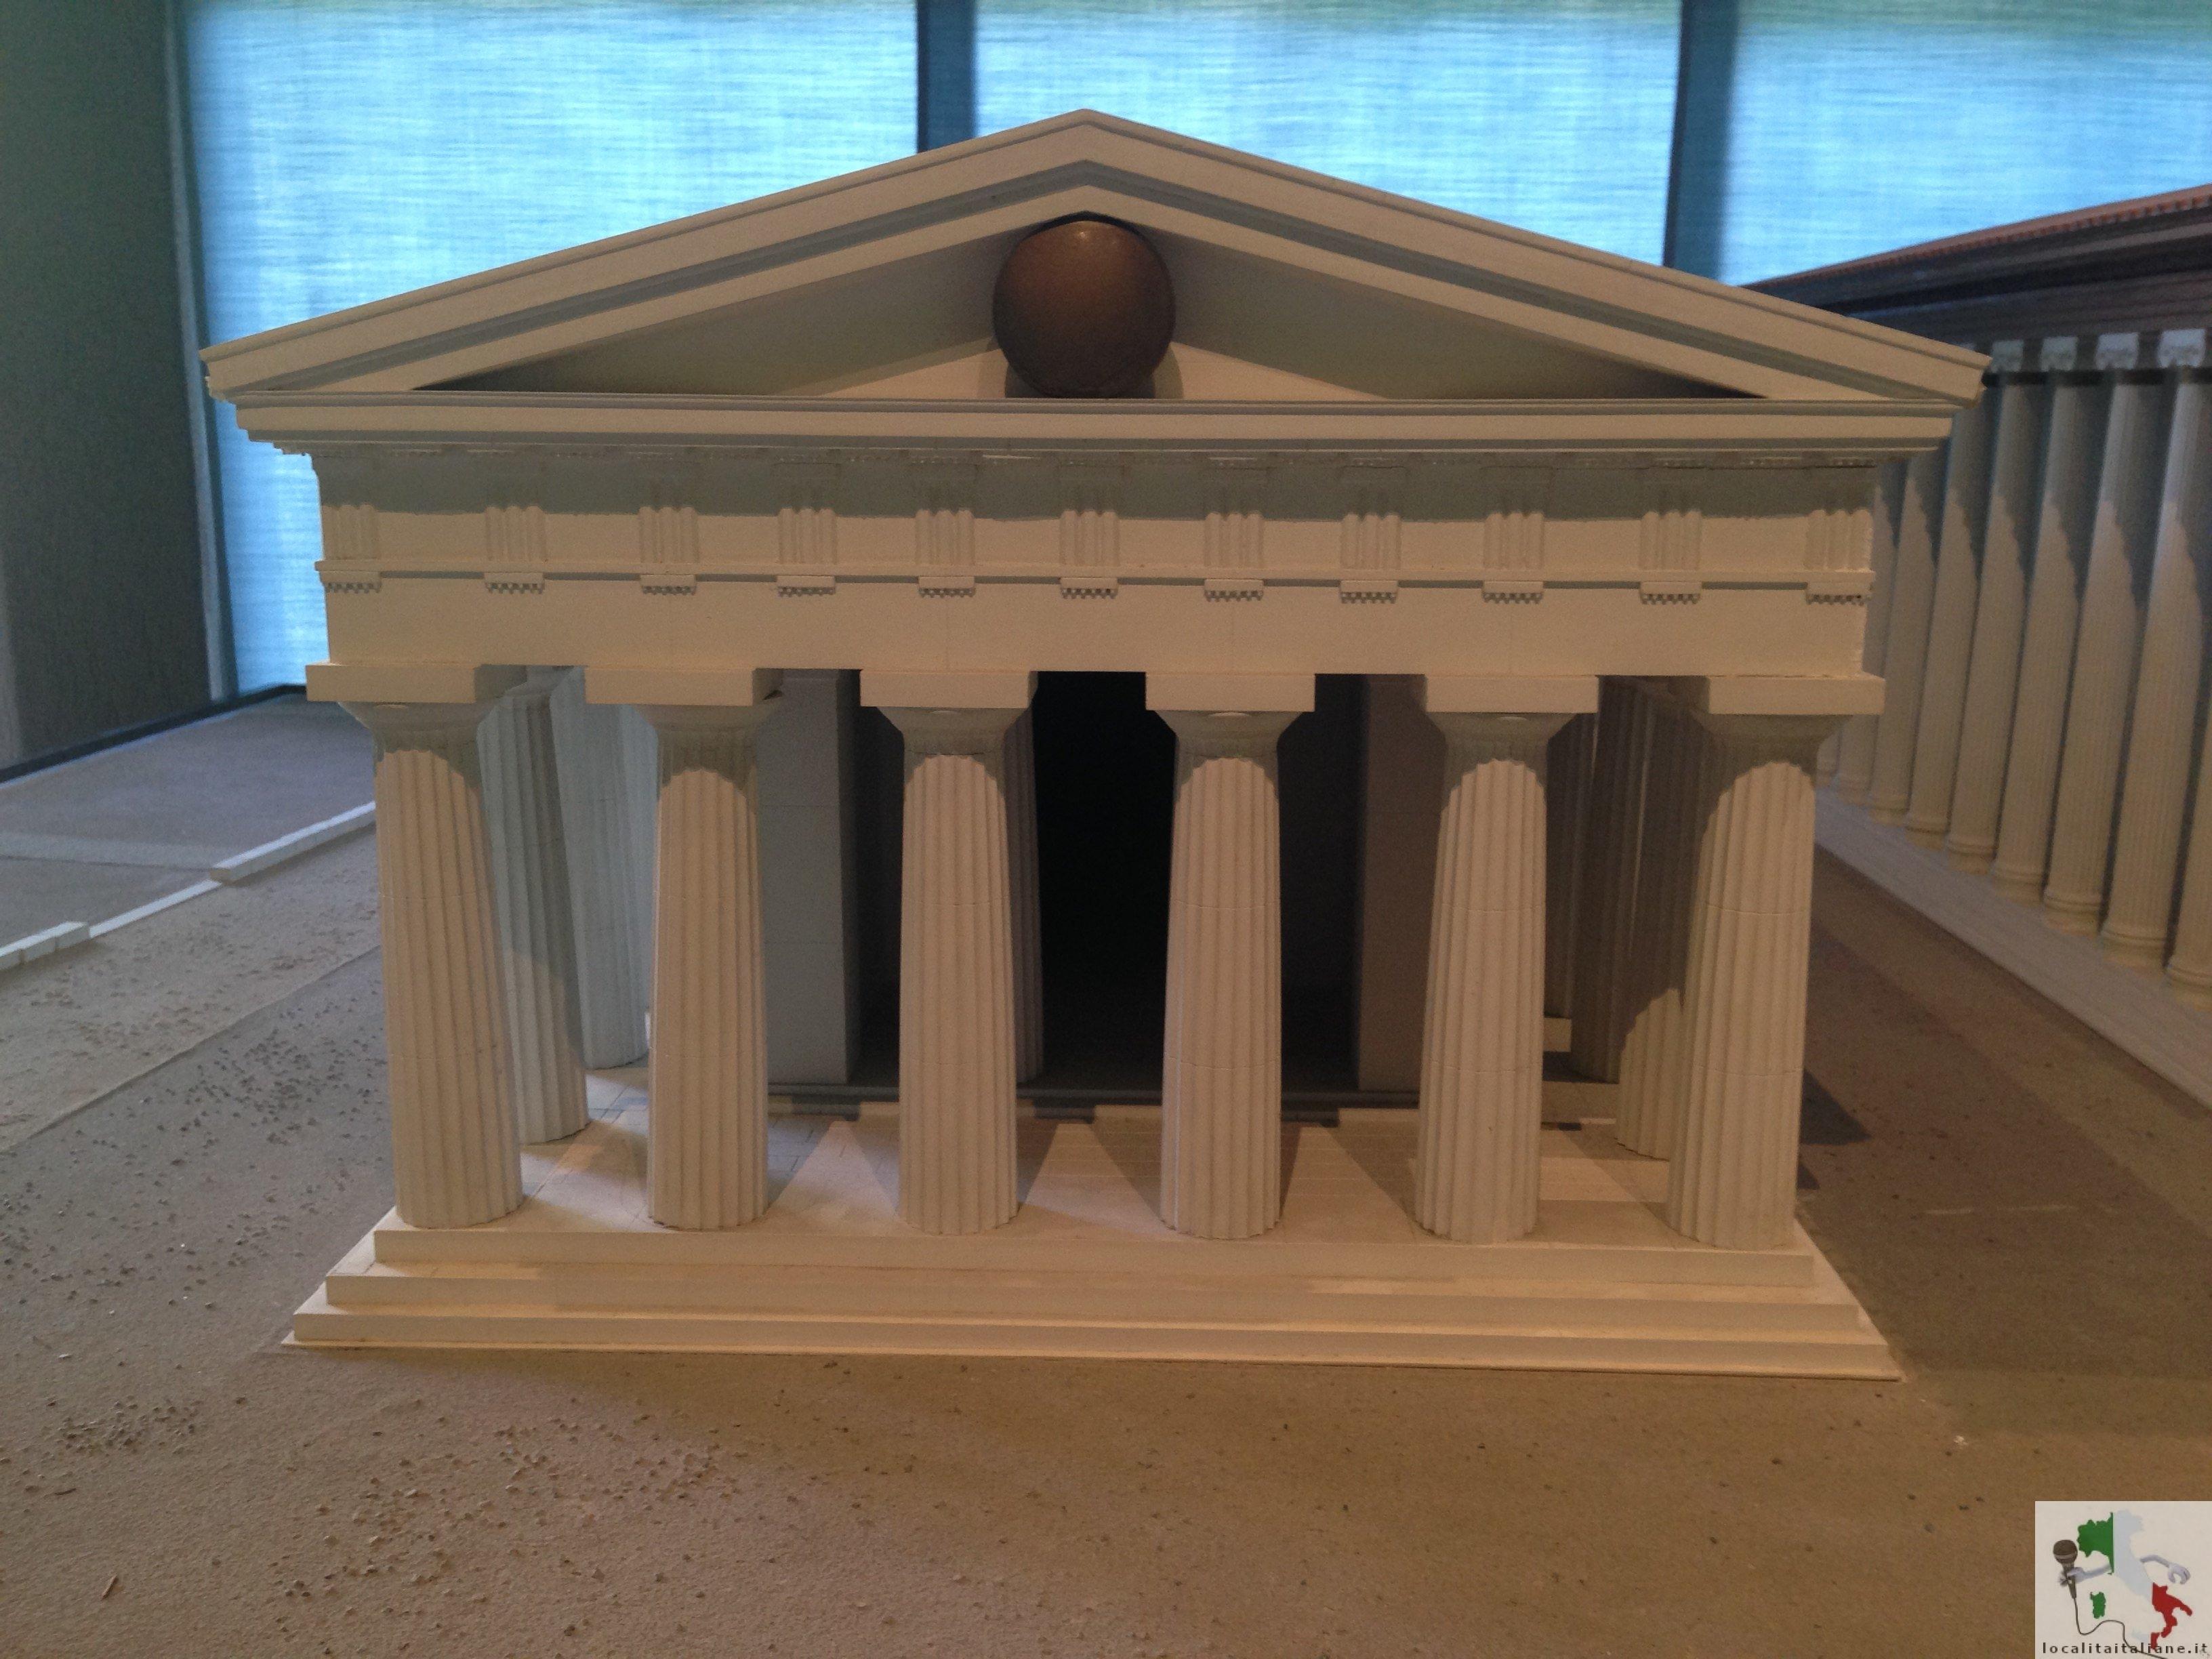 ricostruzione del tempio di Atena